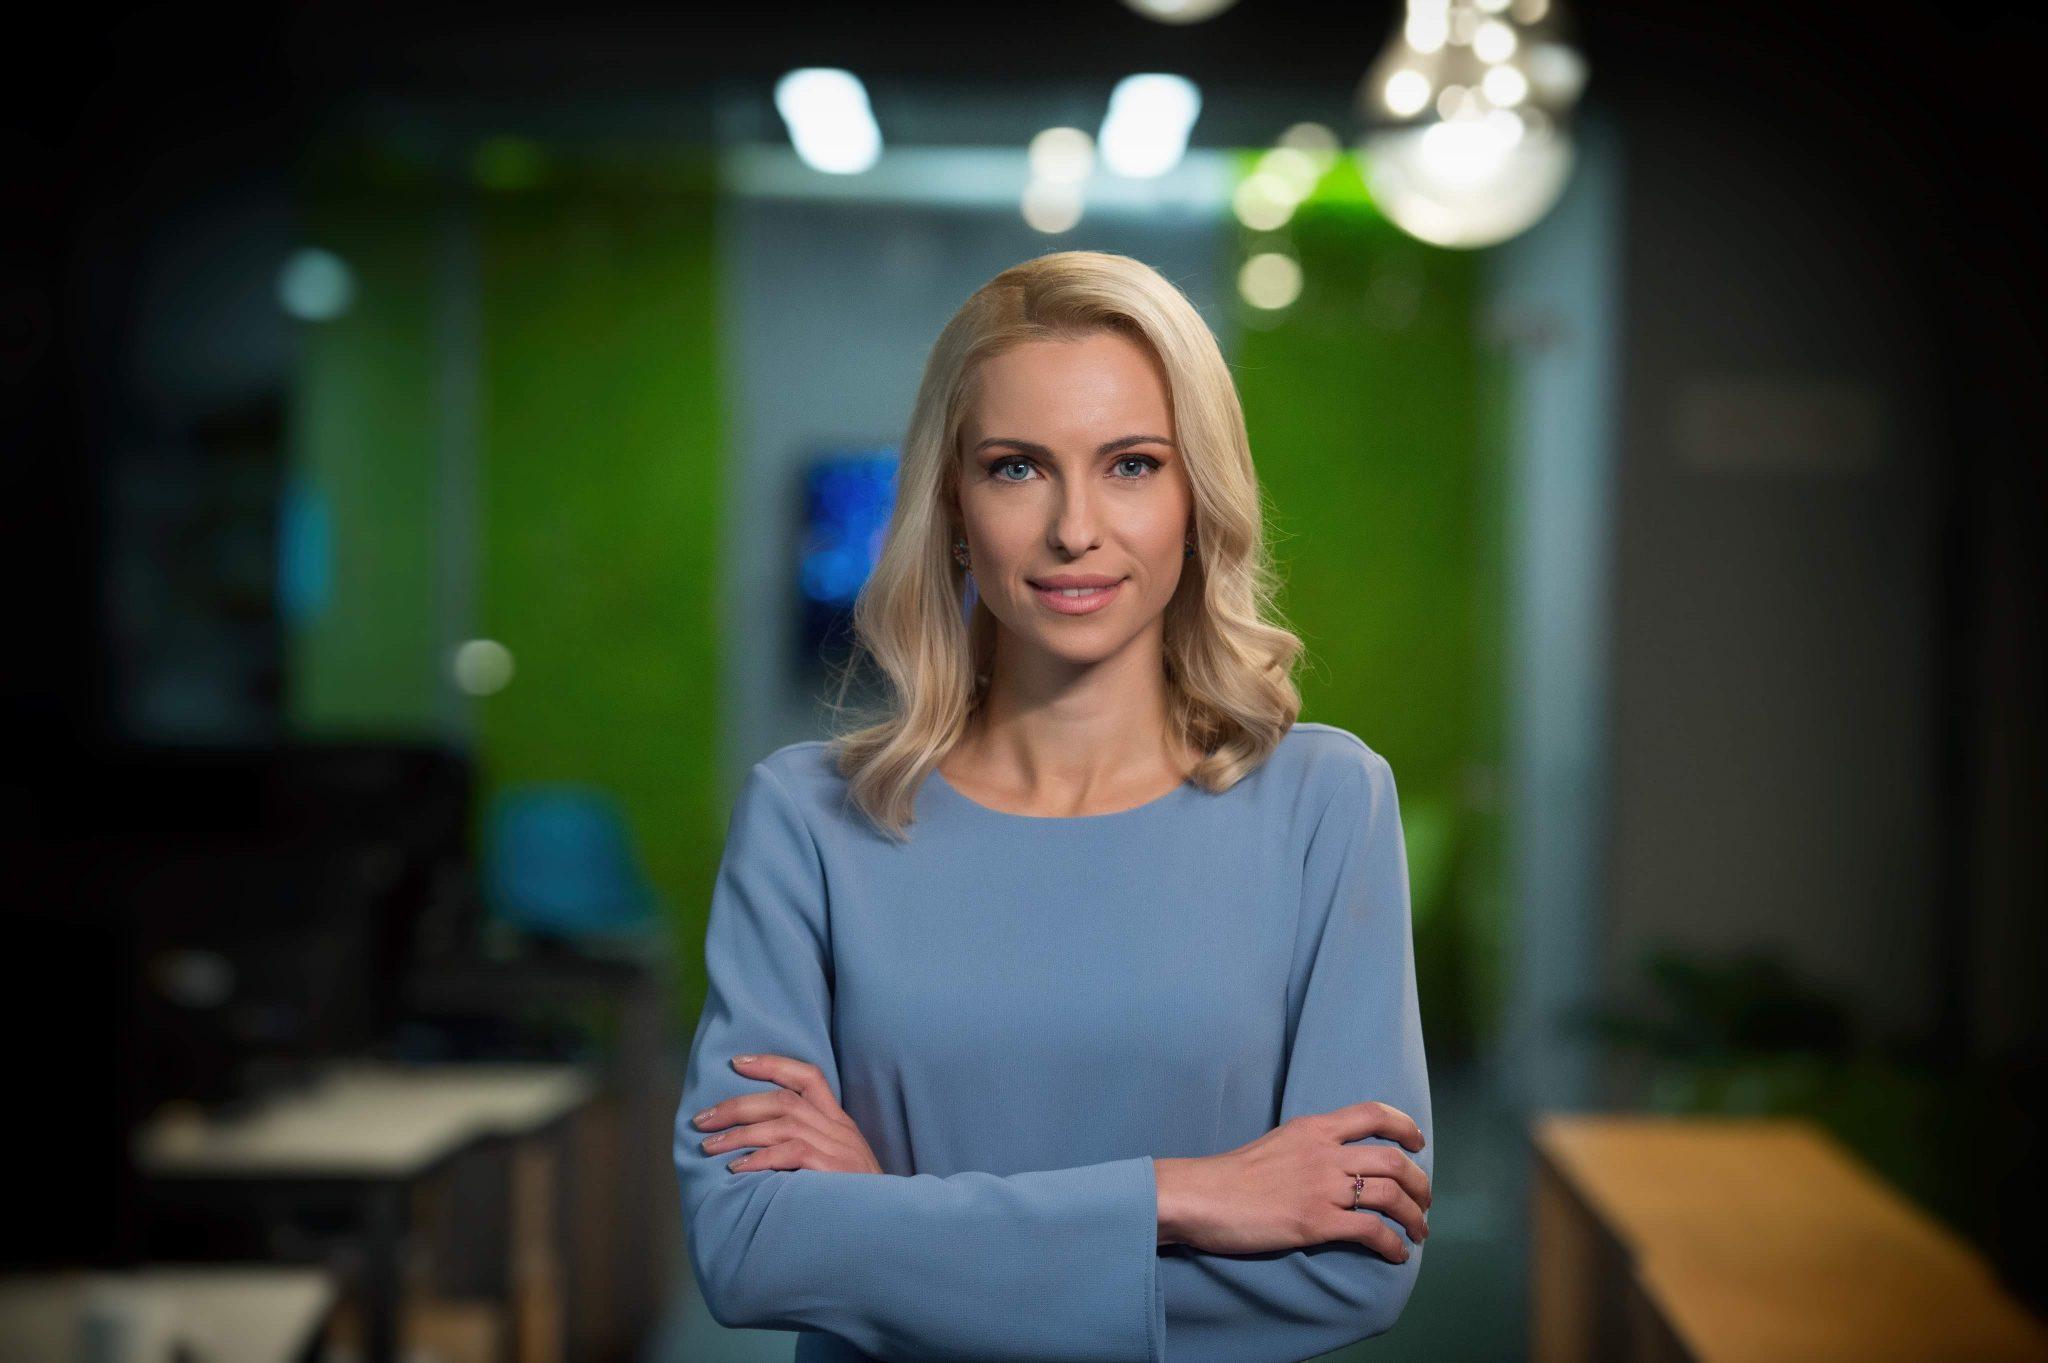 Василена Гръбчева: Откакто имаме Анастасия, животът има повече смисъл